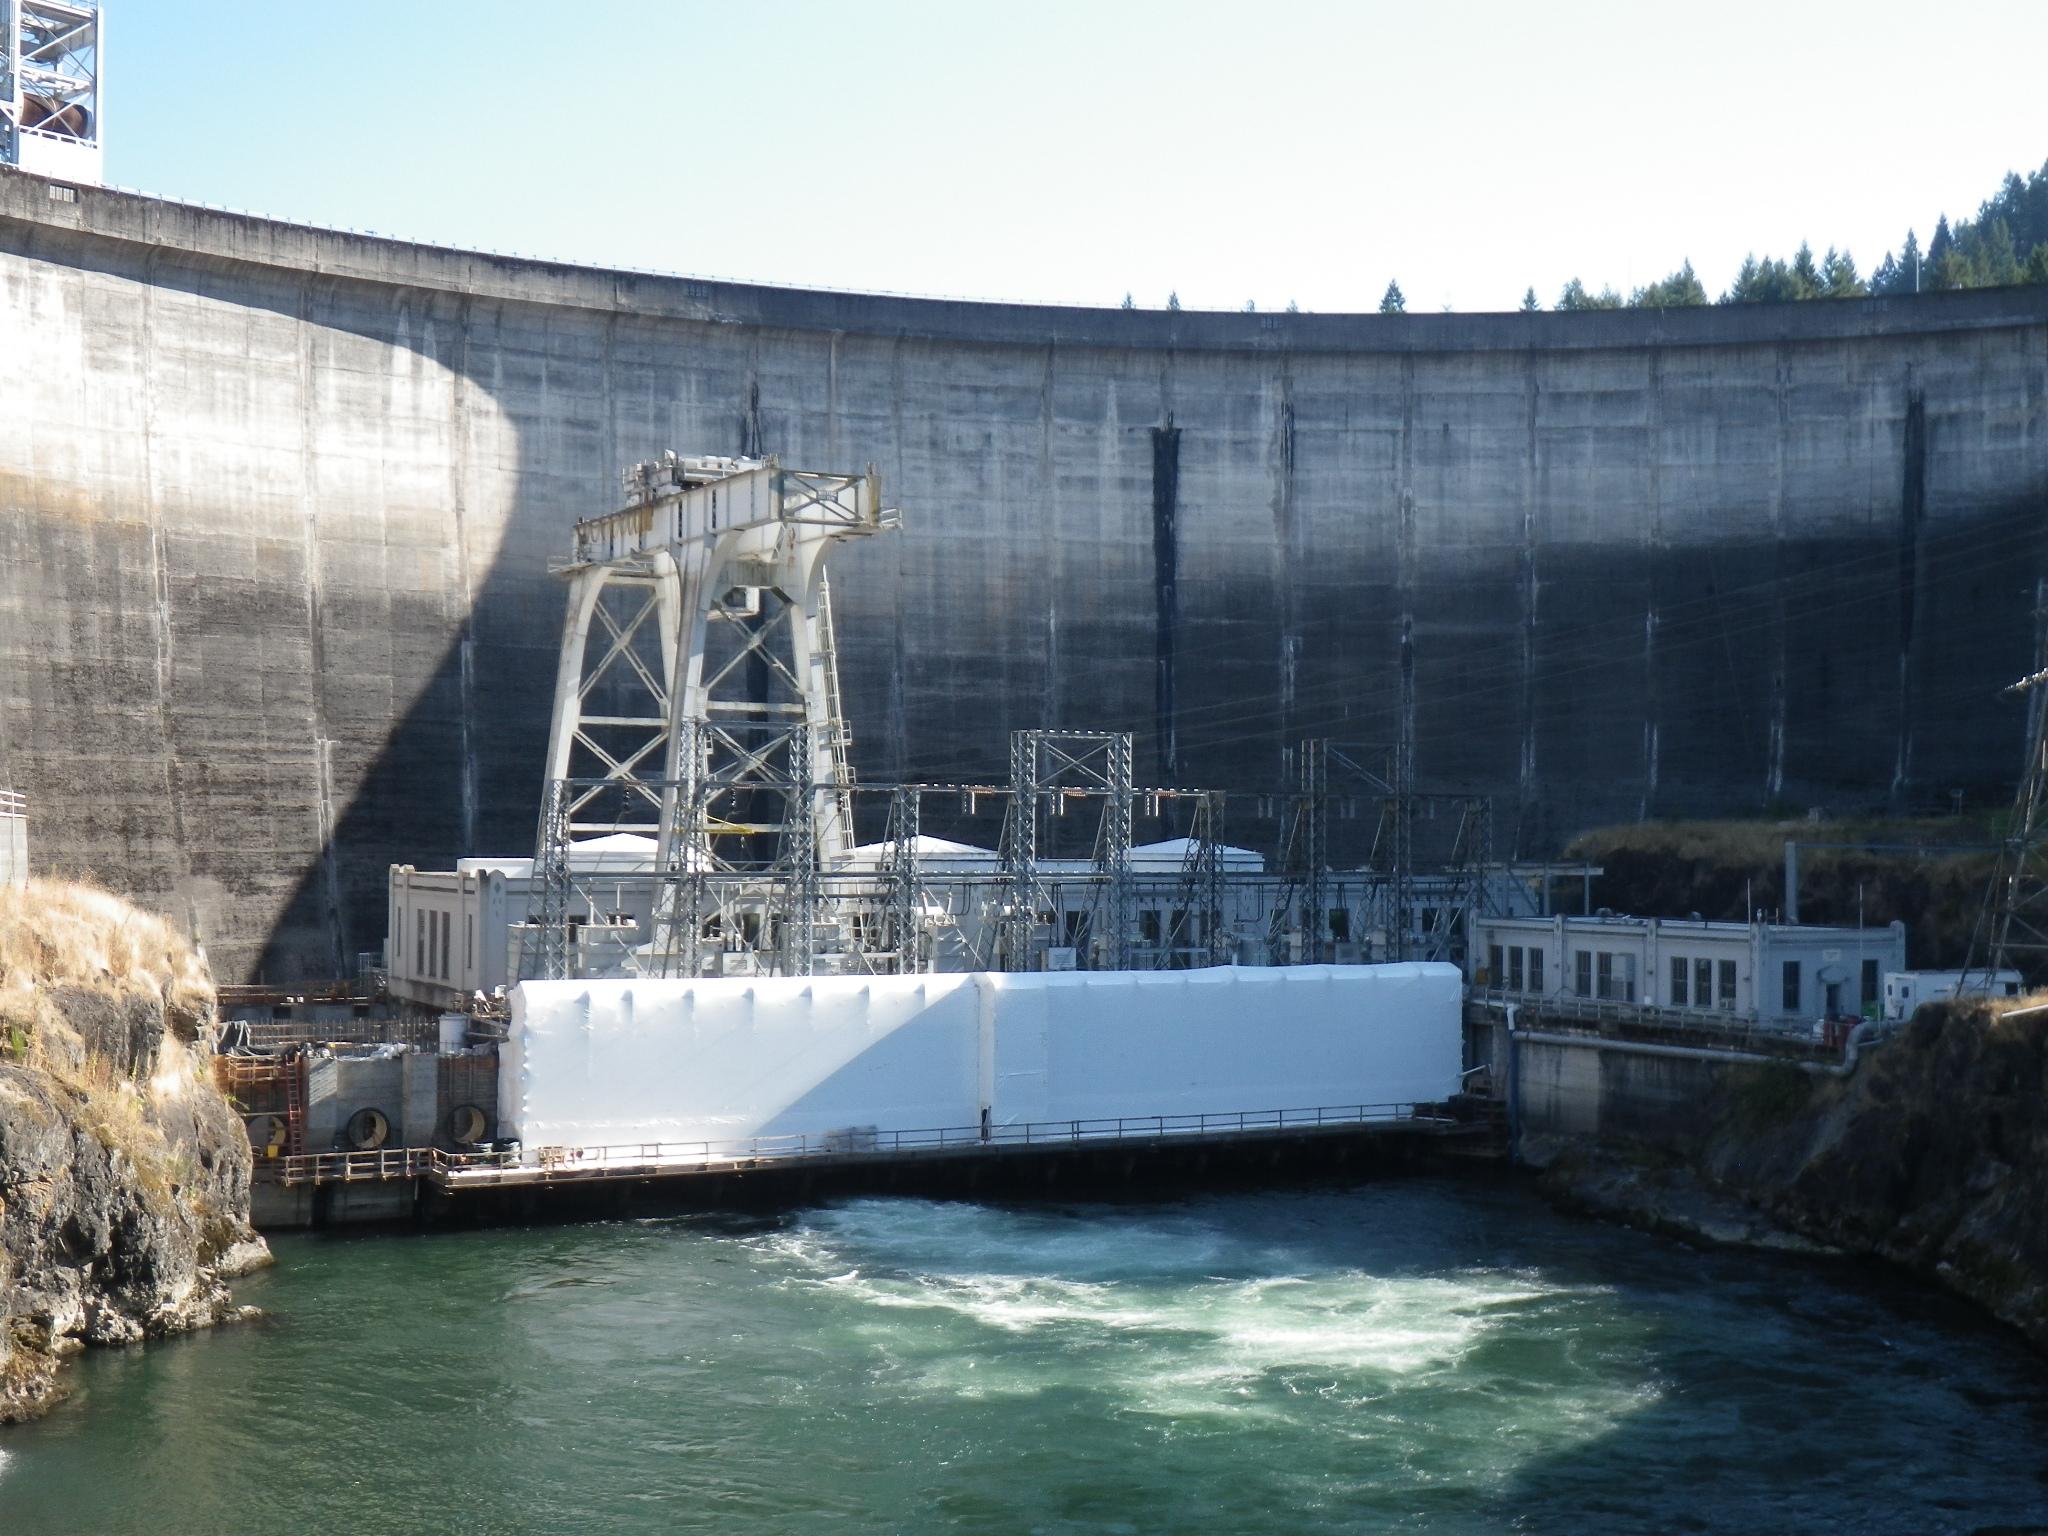 Merwin Dam 001